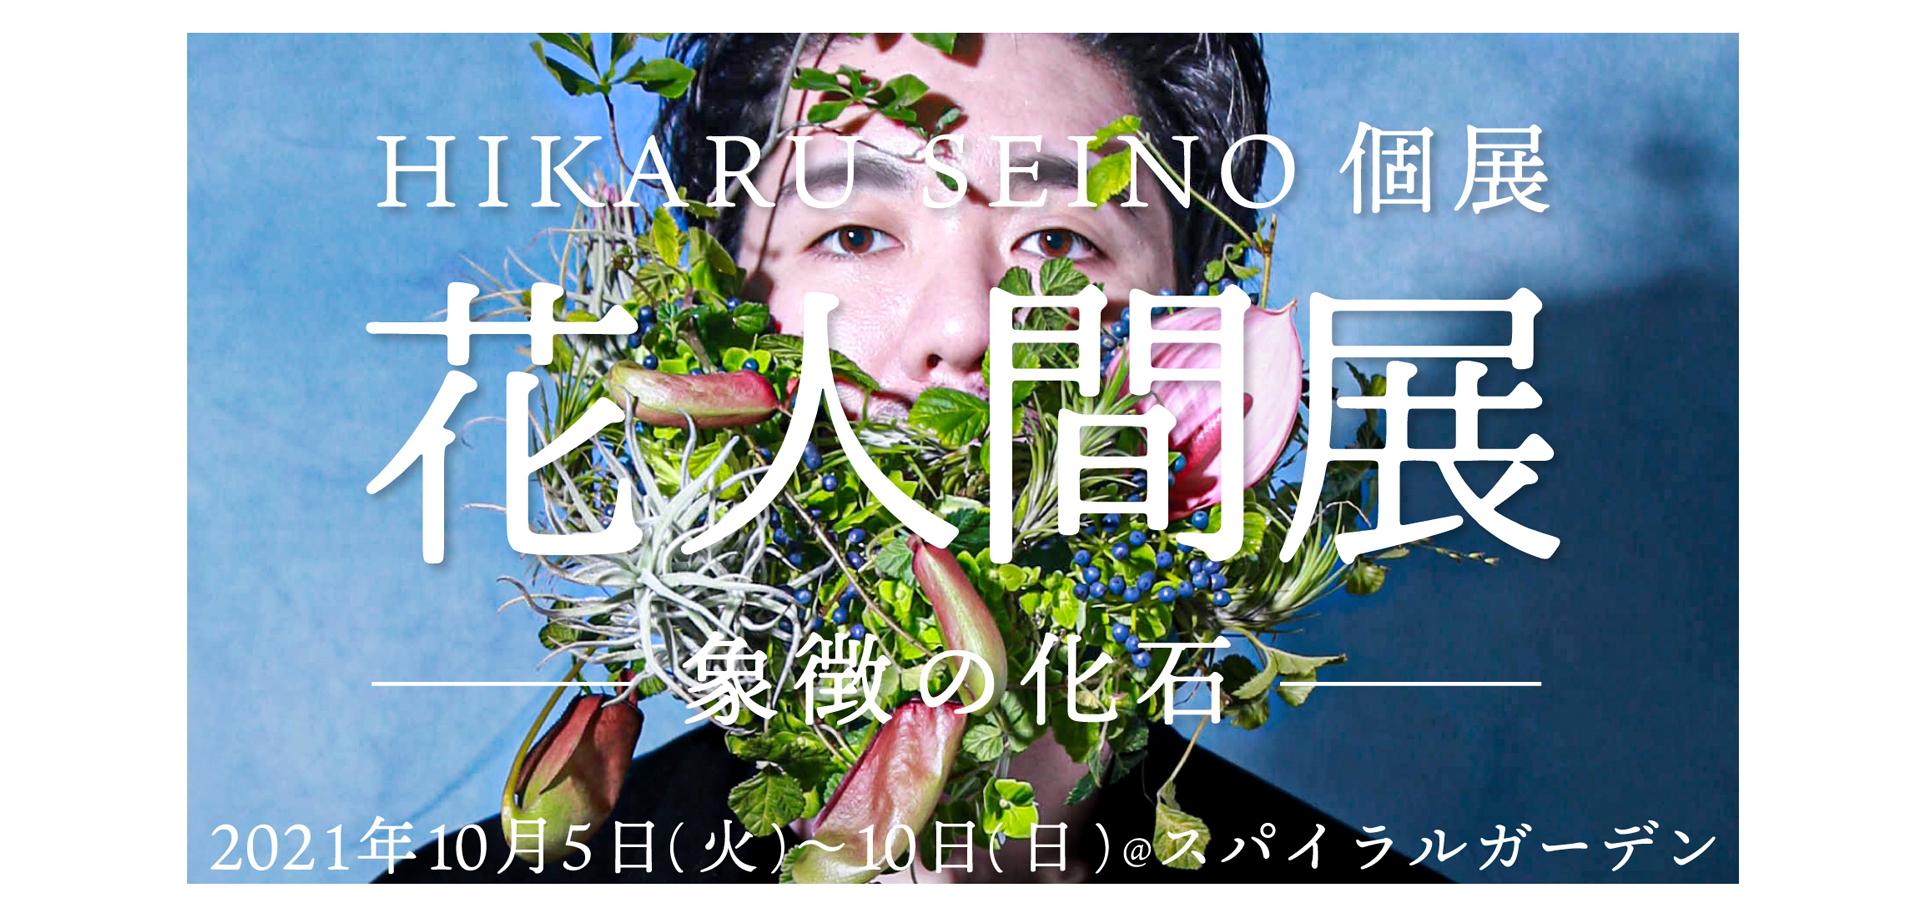 「清野 光 HANANINGEN展―象徴の化石―」スパイラルガーデン